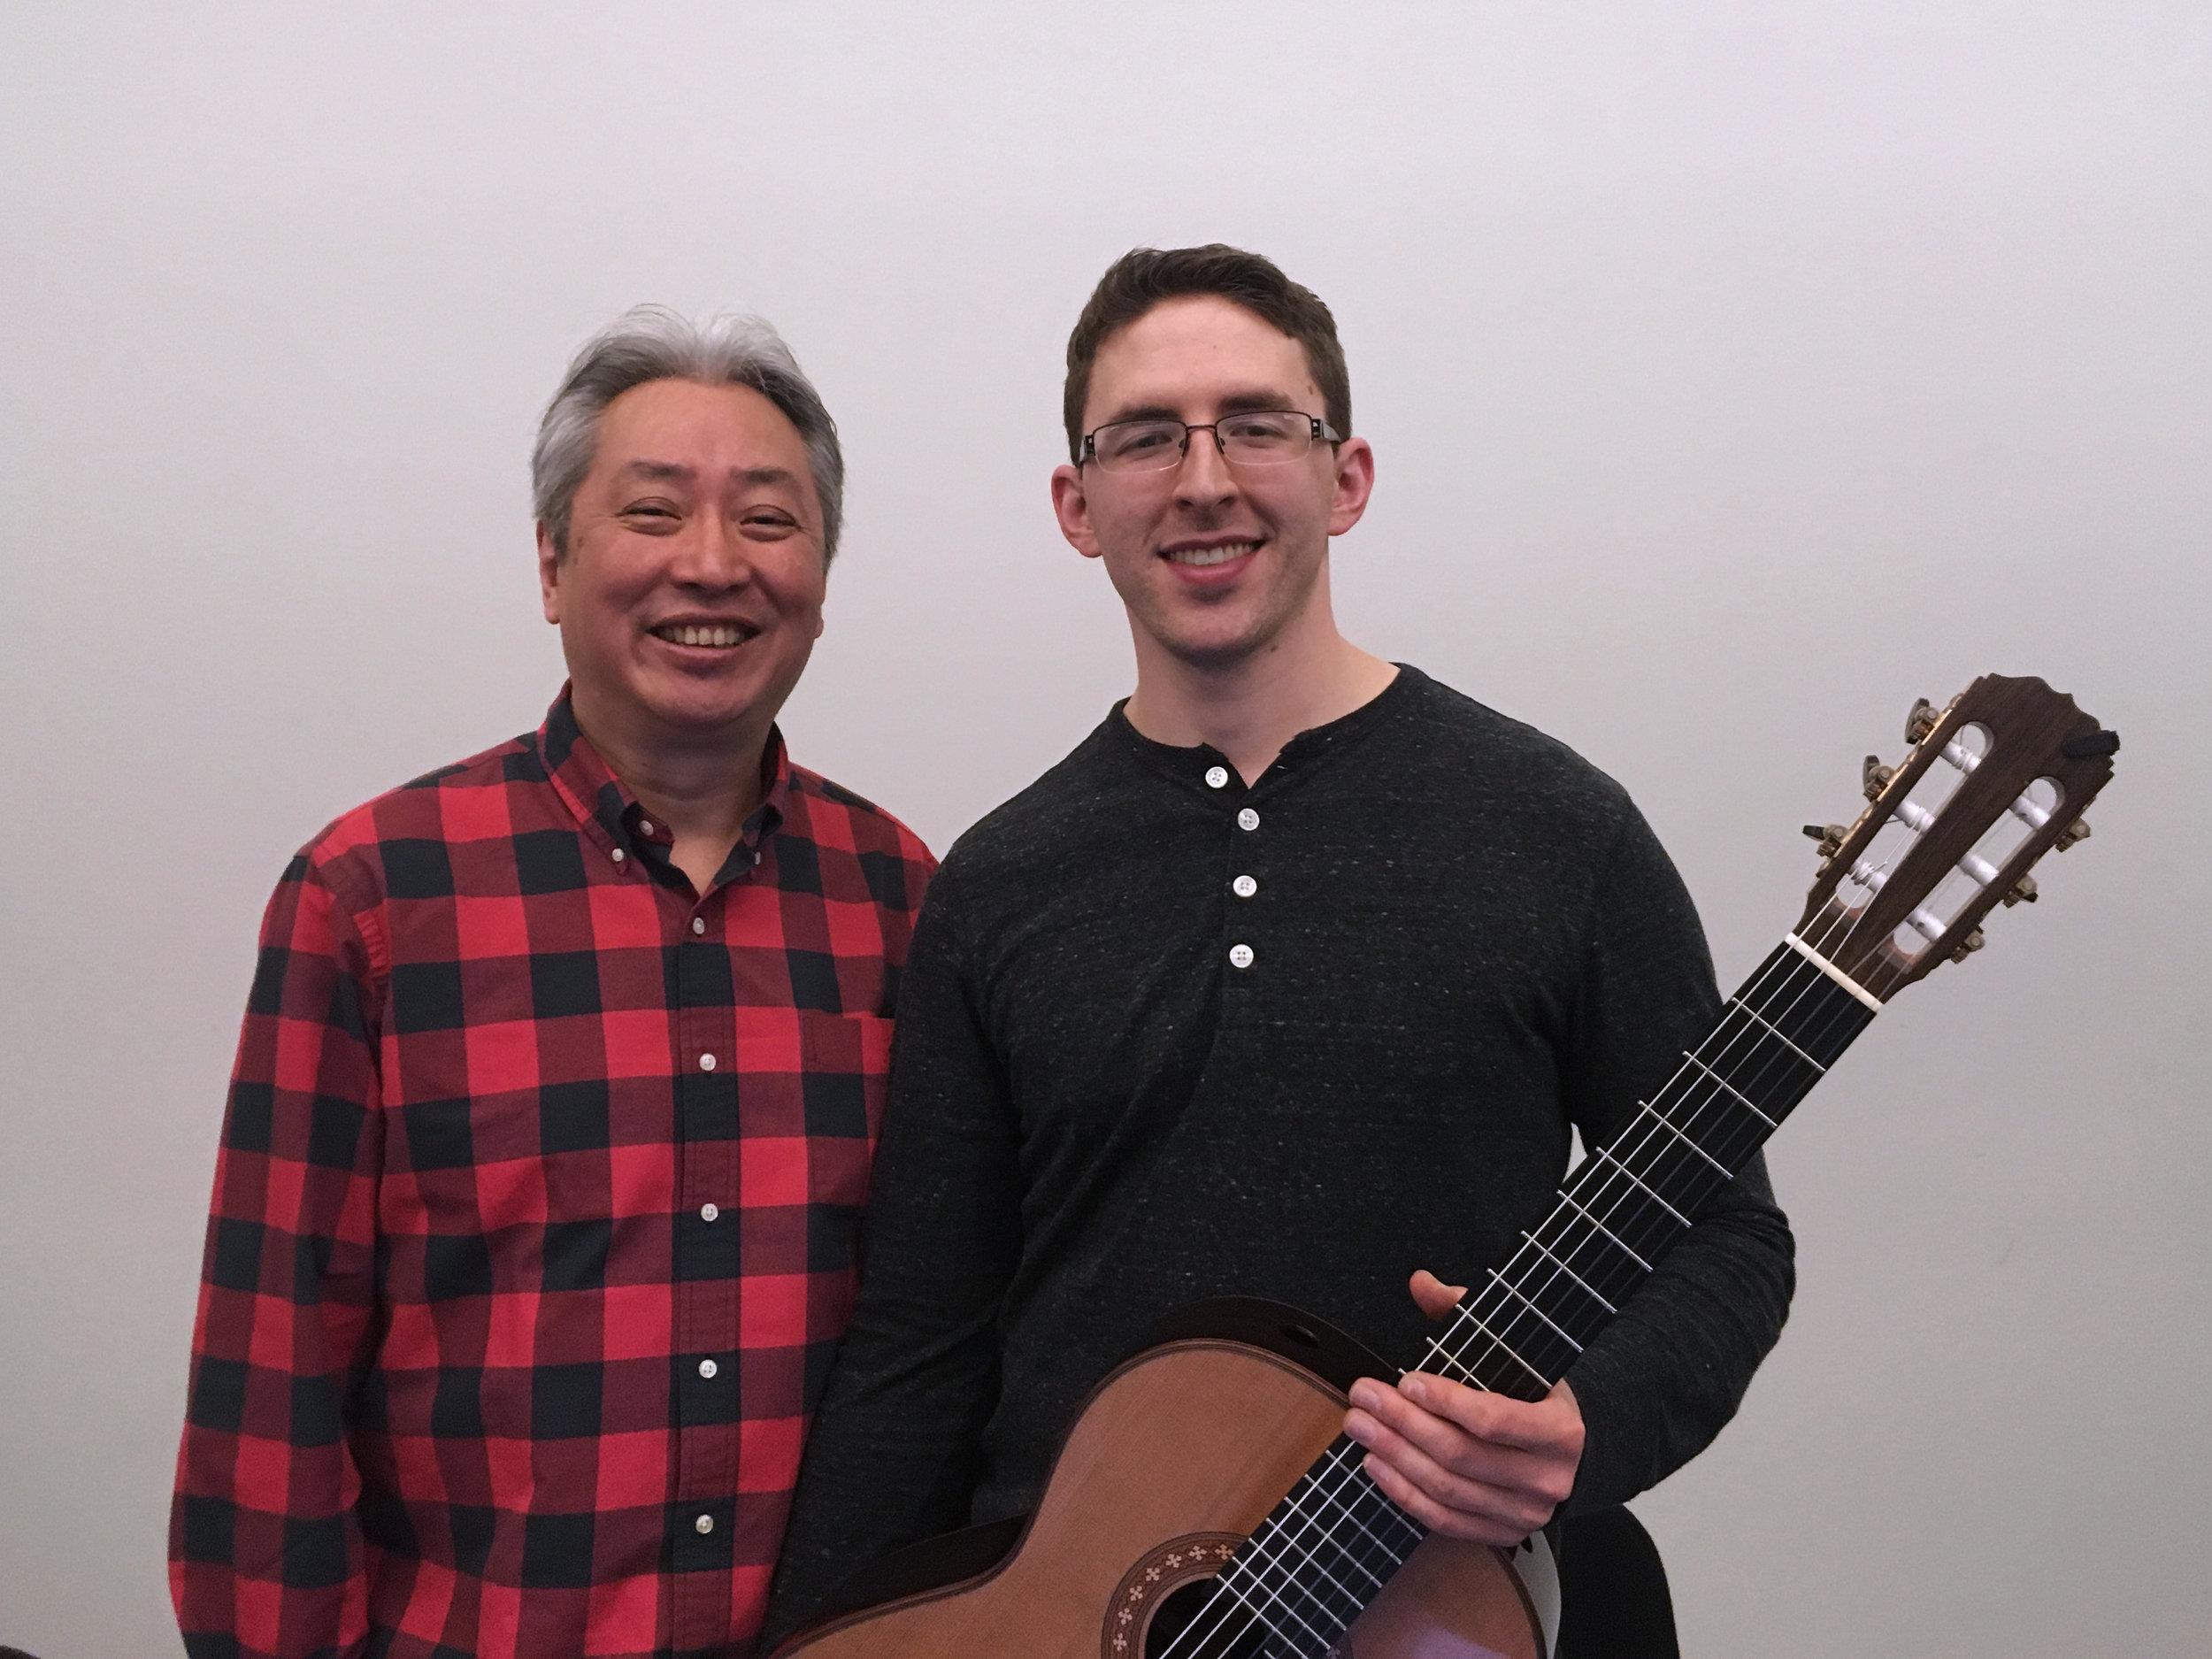 Masterclass with Shin-Ichi Fukuda